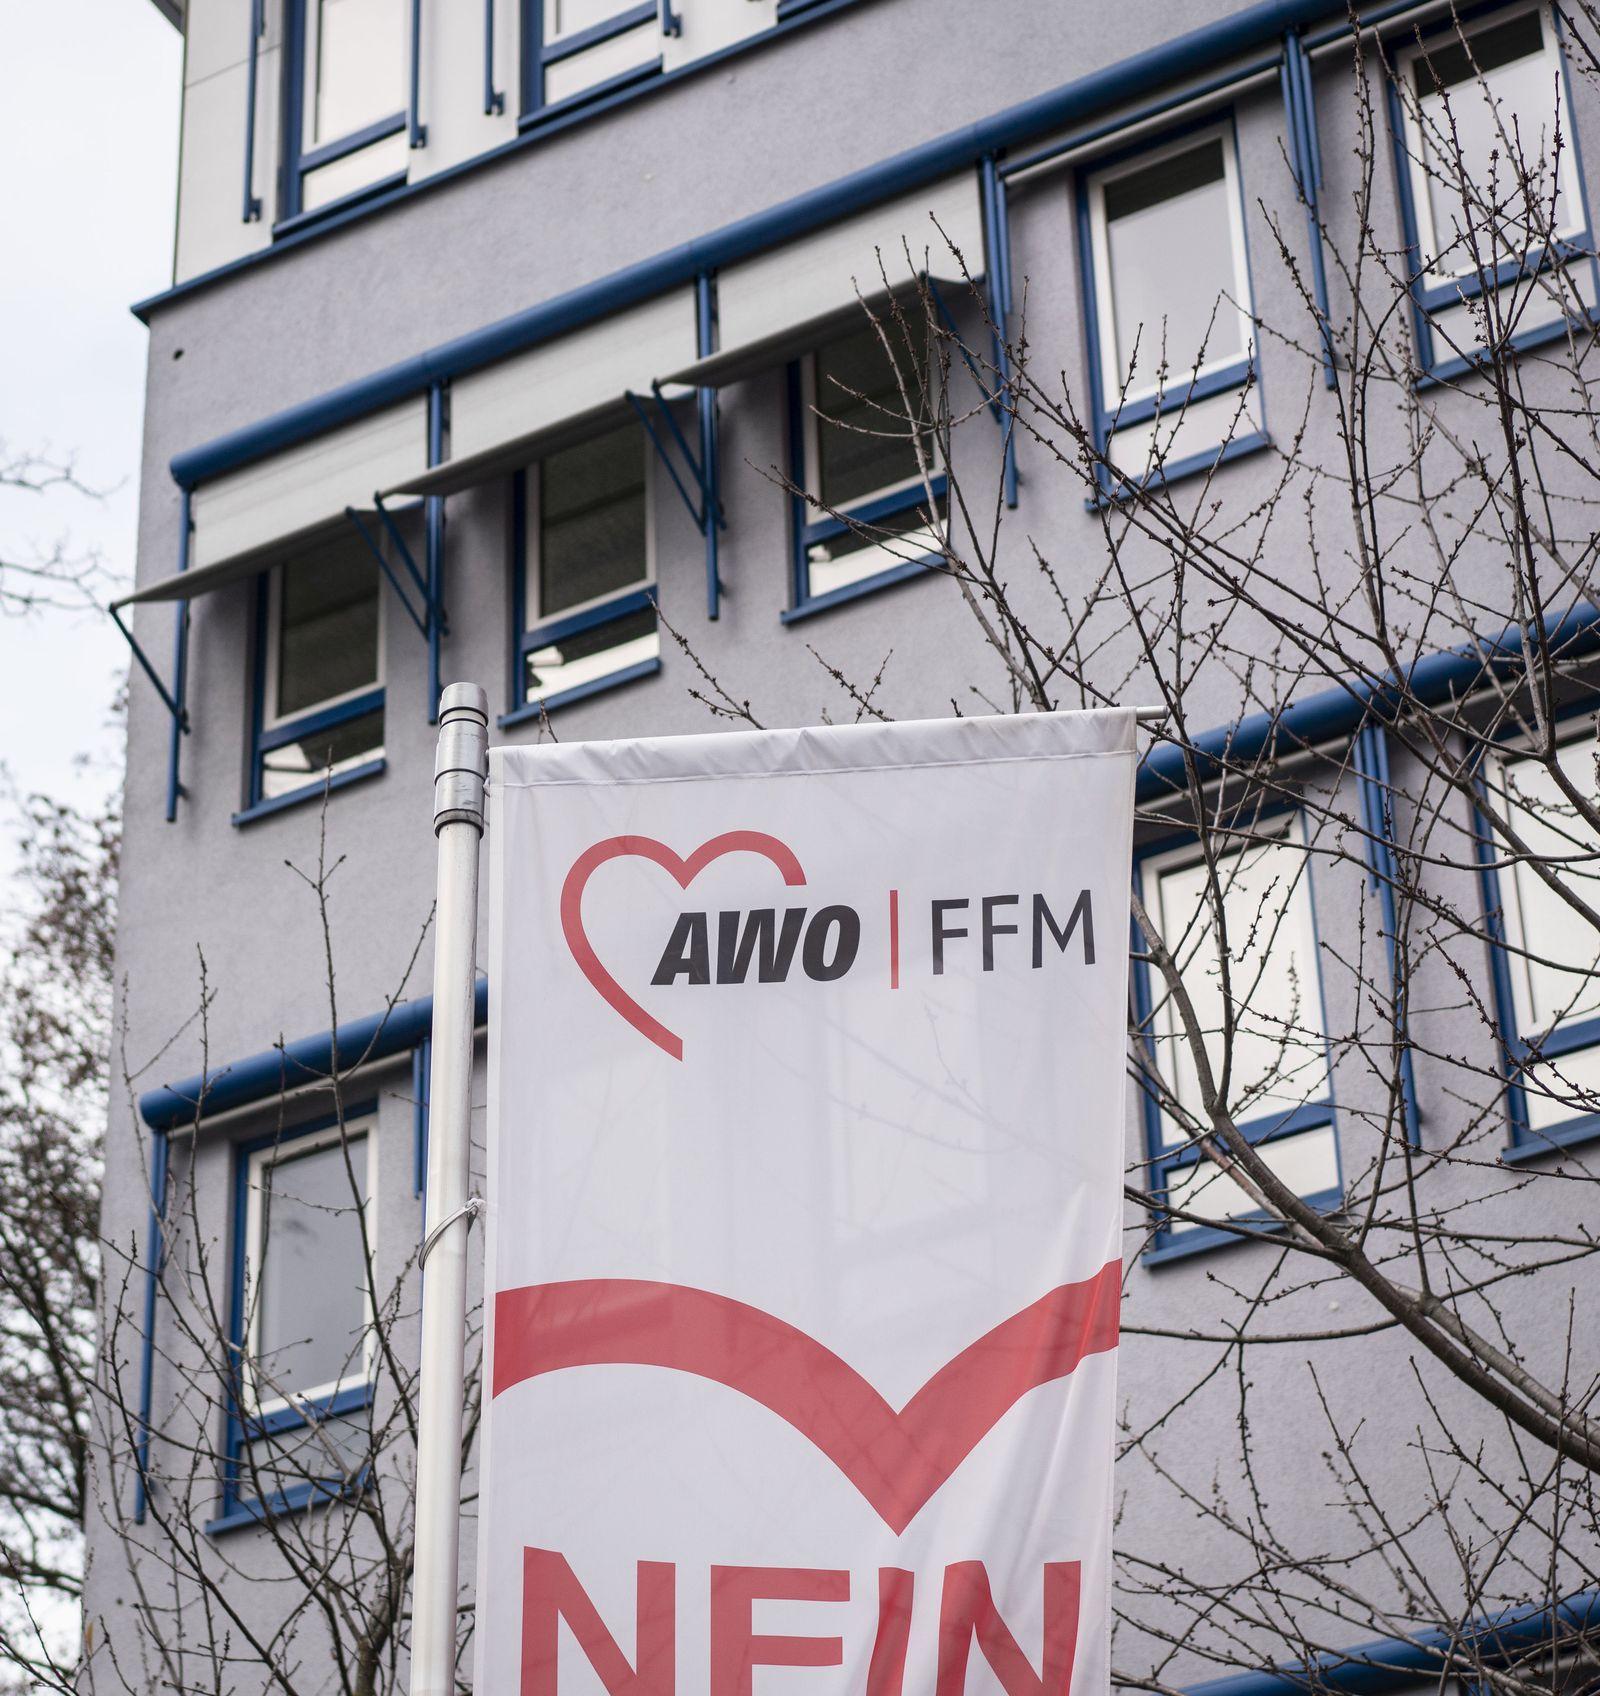 Frankfurter Arbeiterwohlfahrt (Awo)